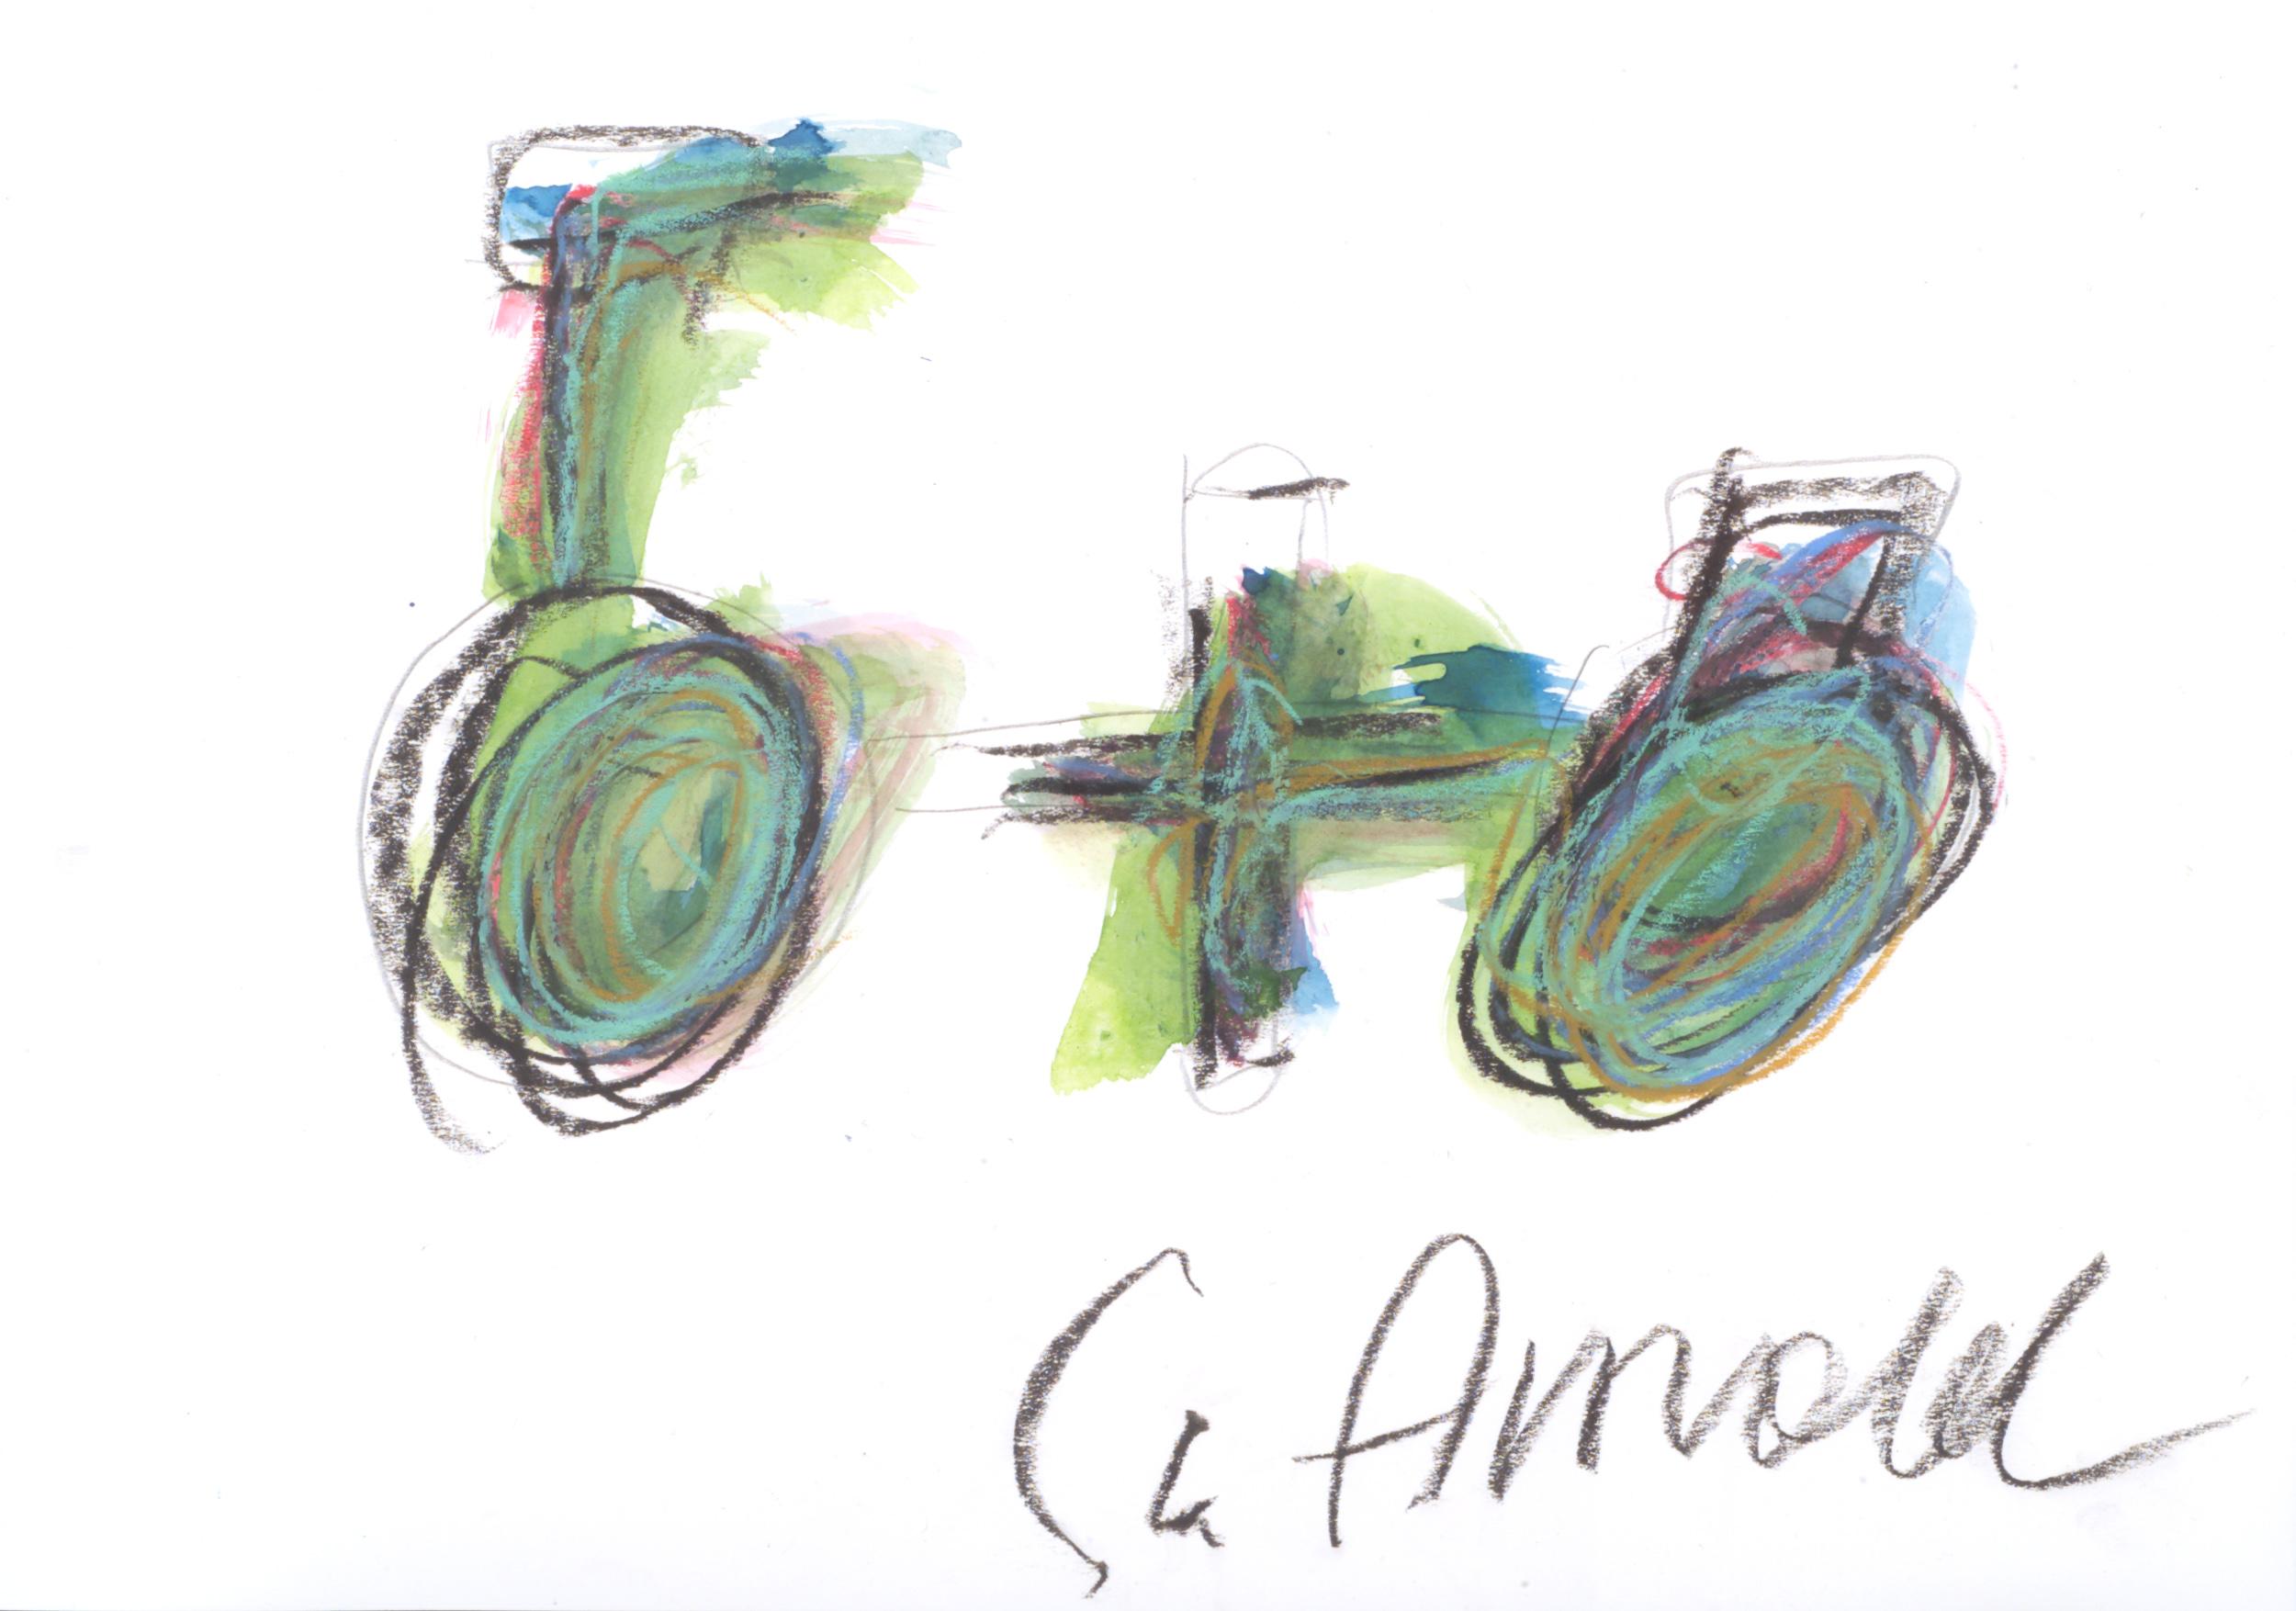 schmidt arnold - fahrrad / bicycle